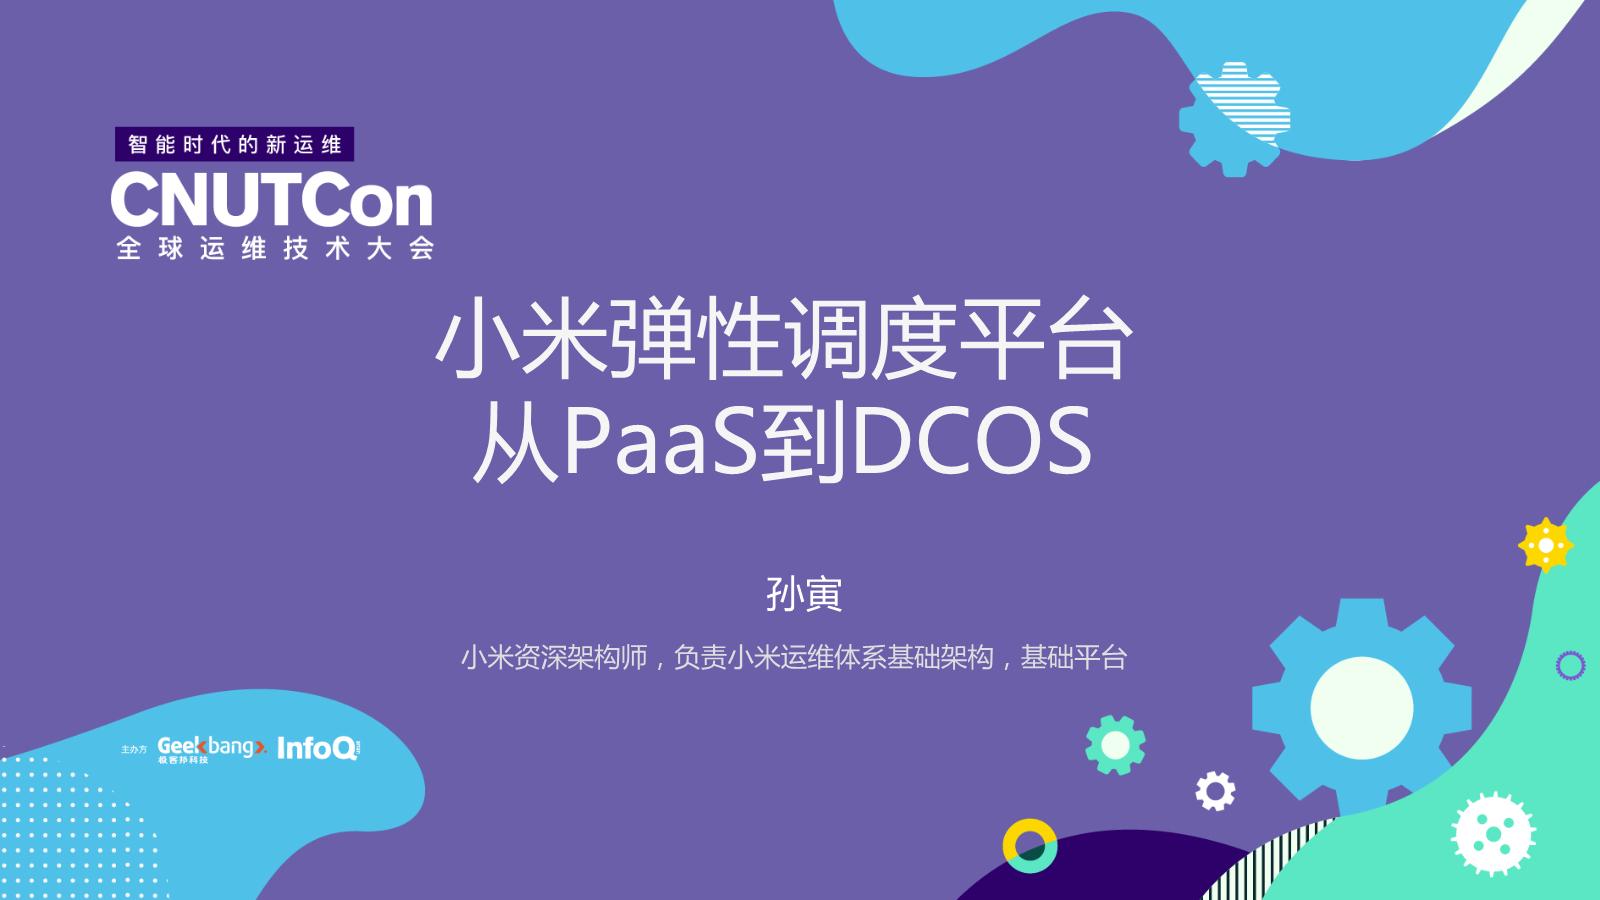 孙寅-小米弹性调度平台:从PaaS到DCOS